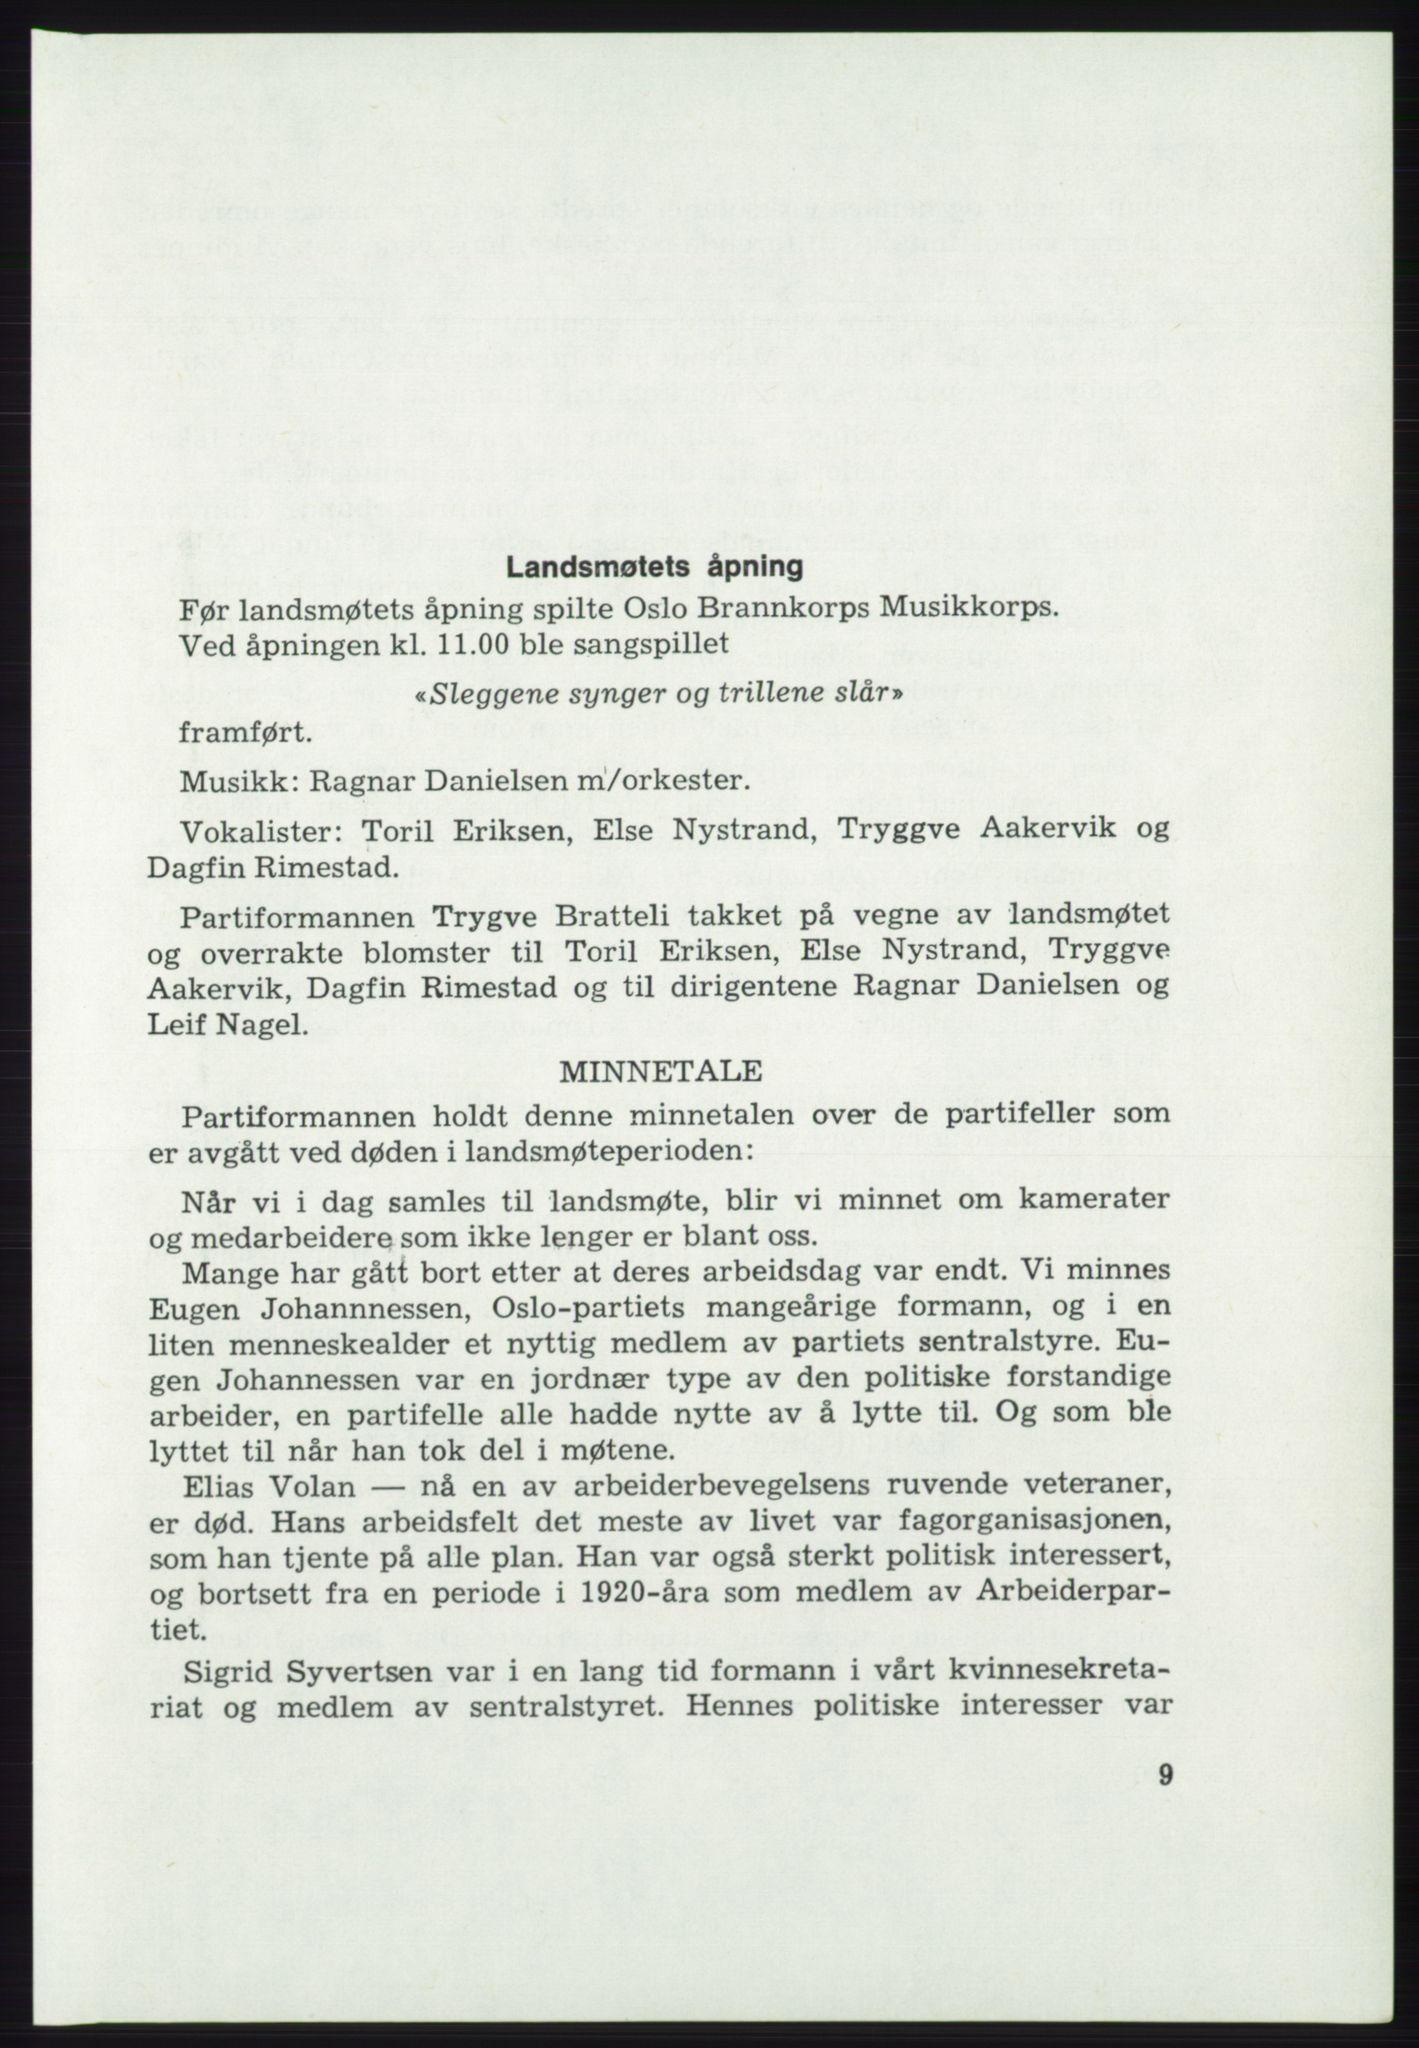 AAB, Det norske Arbeiderparti - publikasjoner, -/-: Protokoll over forhandlingene på det 46. ordinære landsmøte 20.-23. april 1975, 1975, s. 9